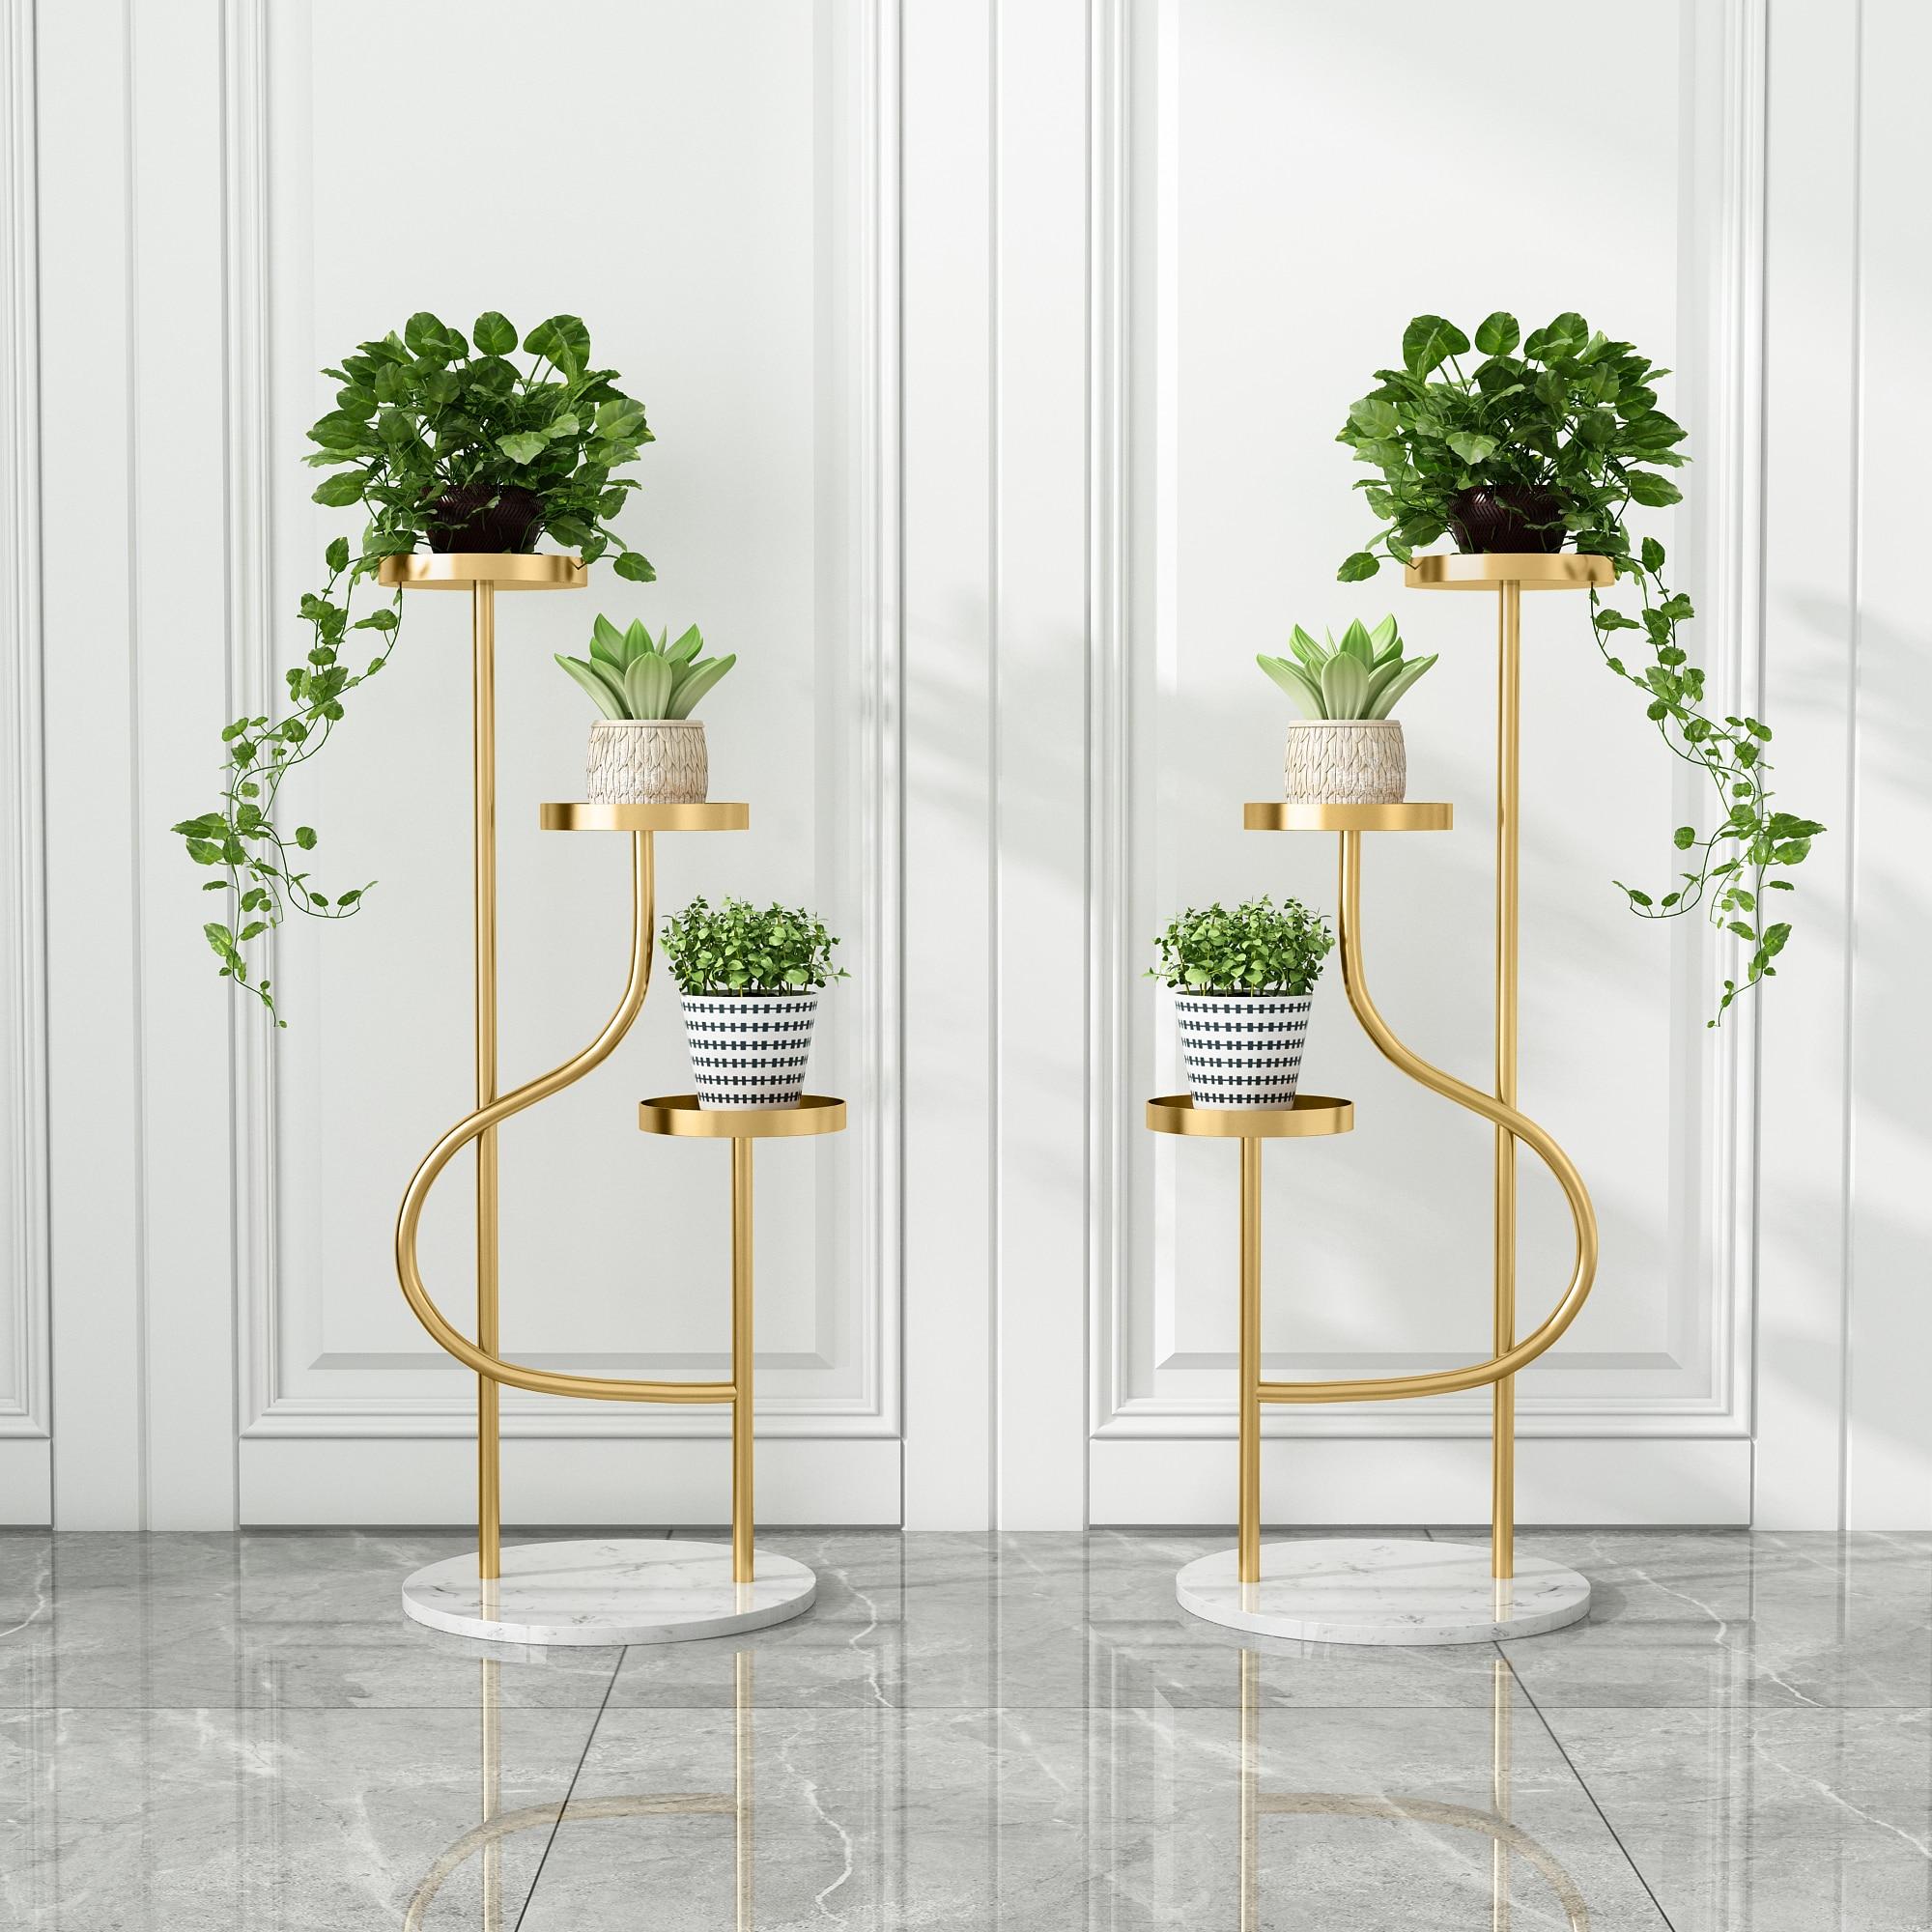 Украшение для гостиной, подставка для цветов, золотистые стеллажи для растений, Многоуровневая полка для растений, подставка для цветочных ...